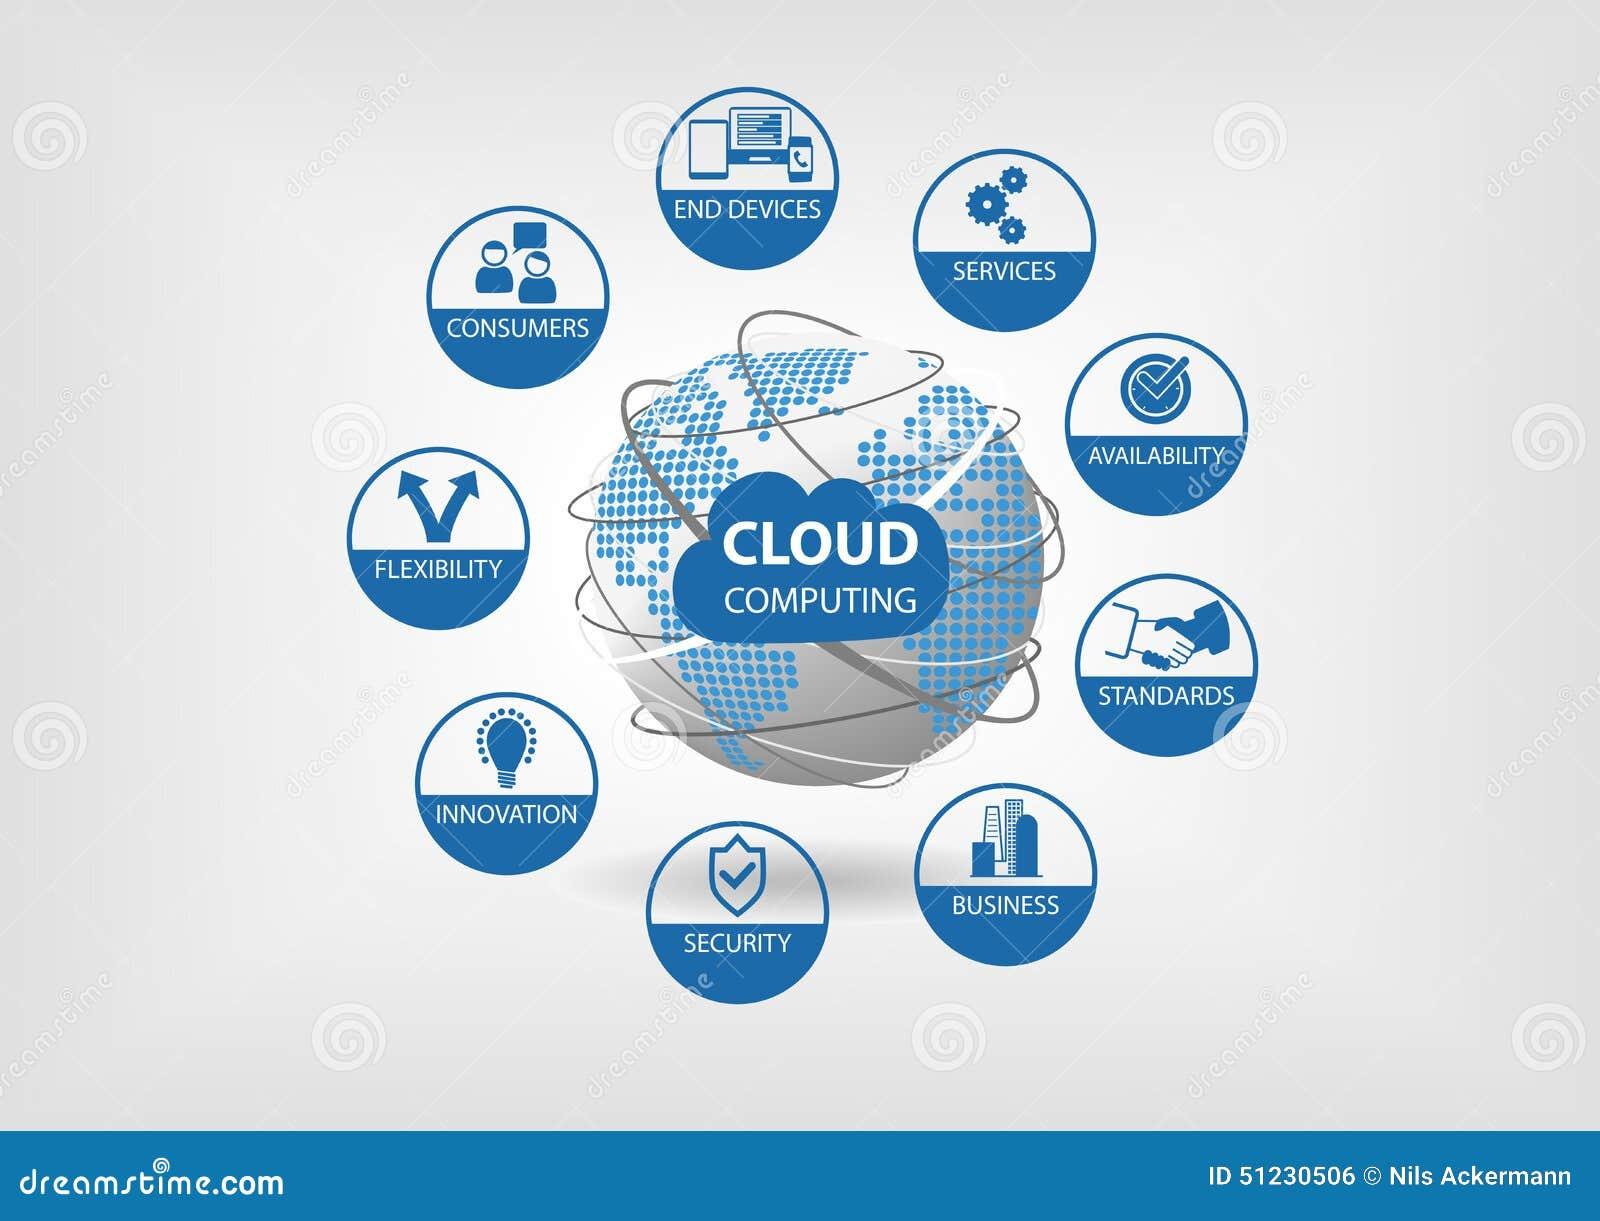 Núblese el concepto computacional visualizado con diversos iconos para la flexibilidad, disponibilidad, servicios, consumidores